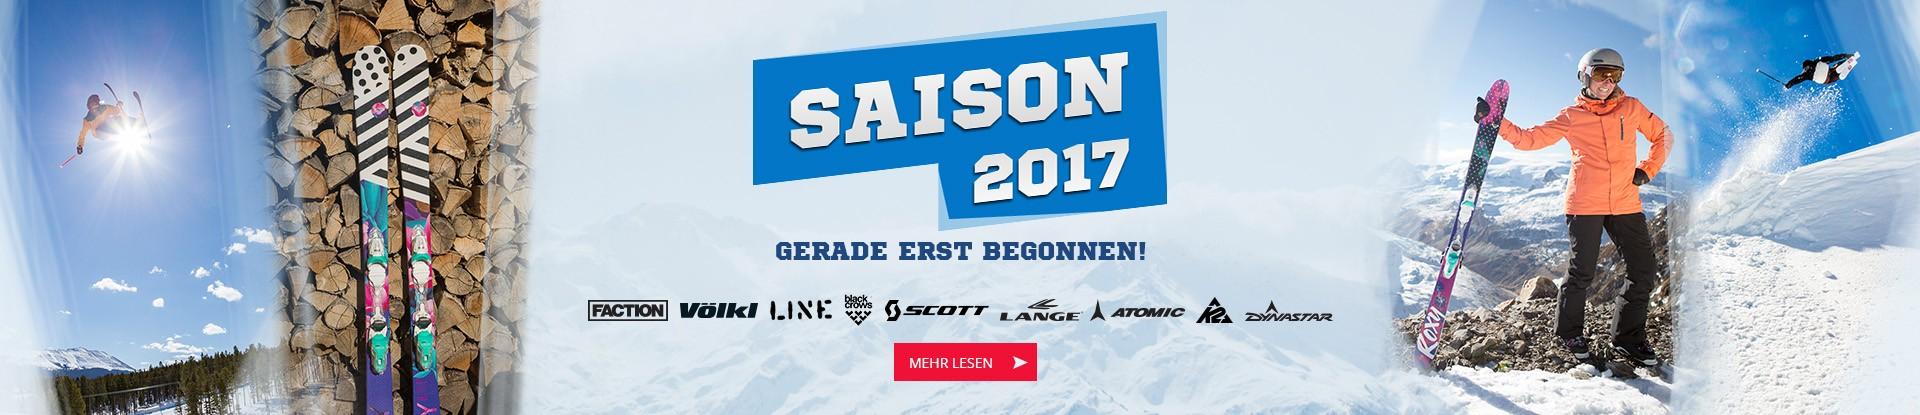 Saison 2017